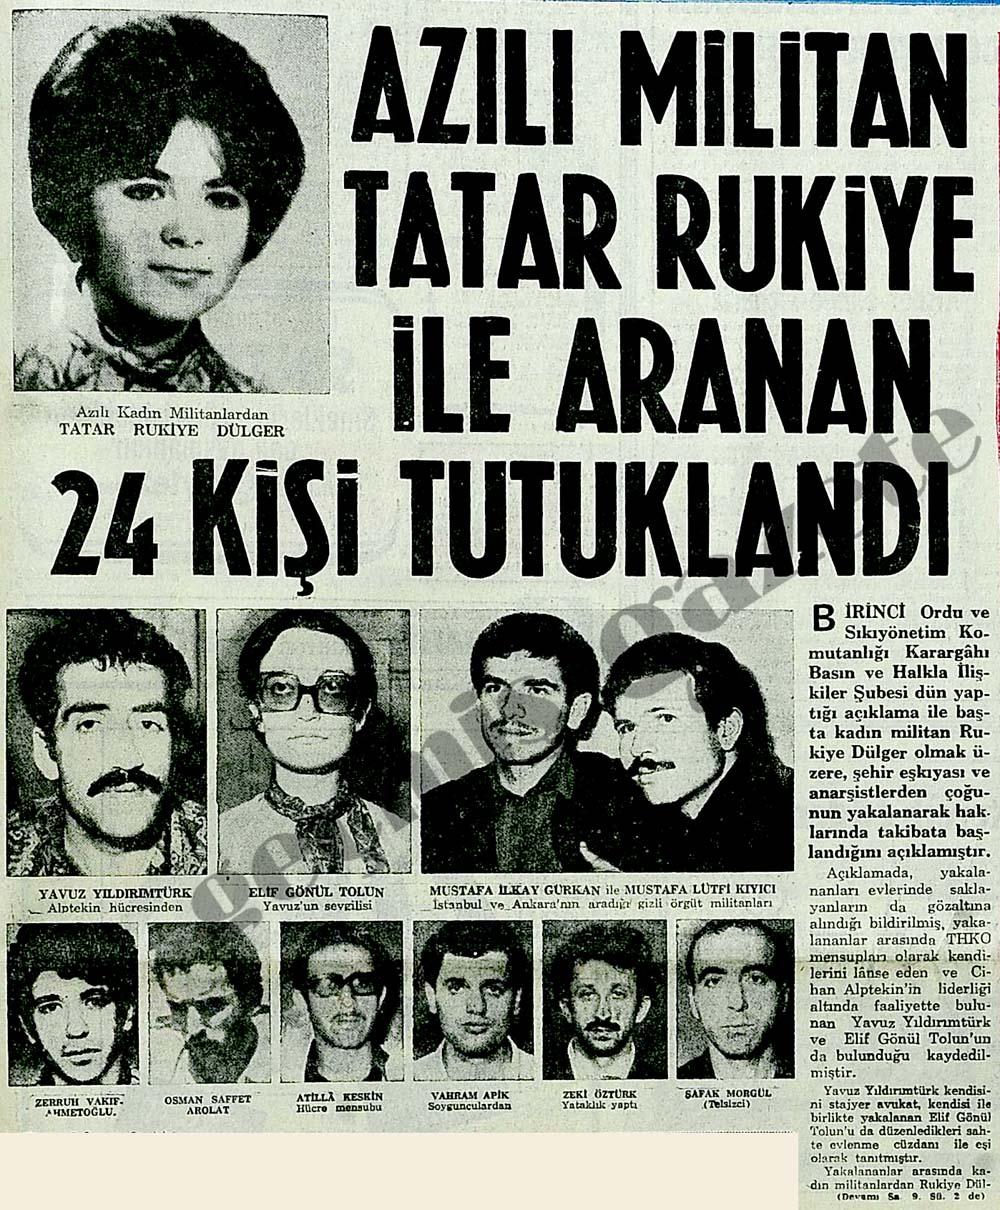 Azılı militan Tatar Rukiye ile aranan 24 kişi tutuklandı